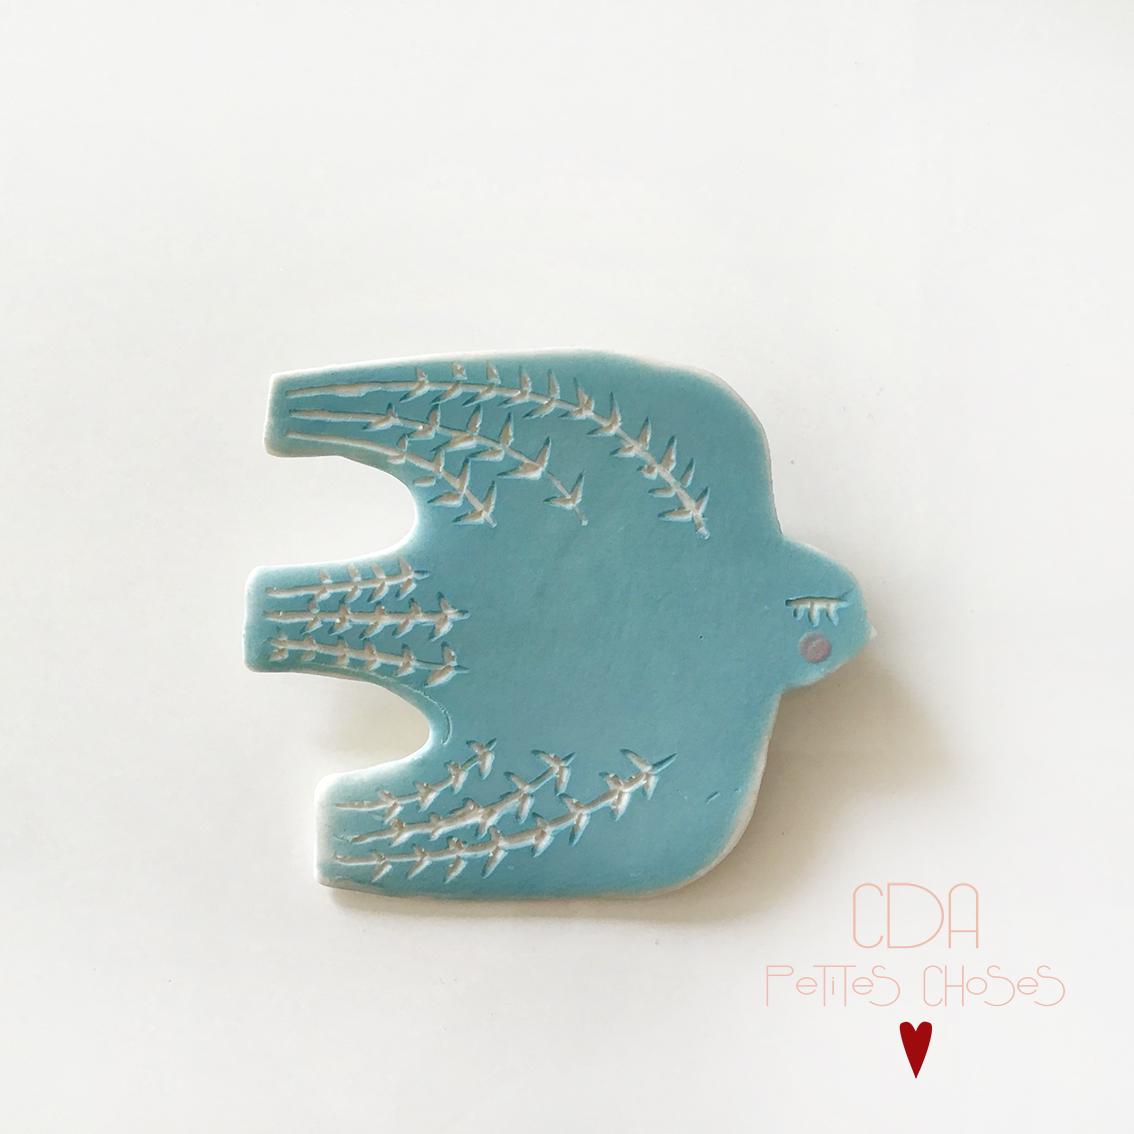 Broche en porcelaine oiseau turquoise CDA Petites Choses